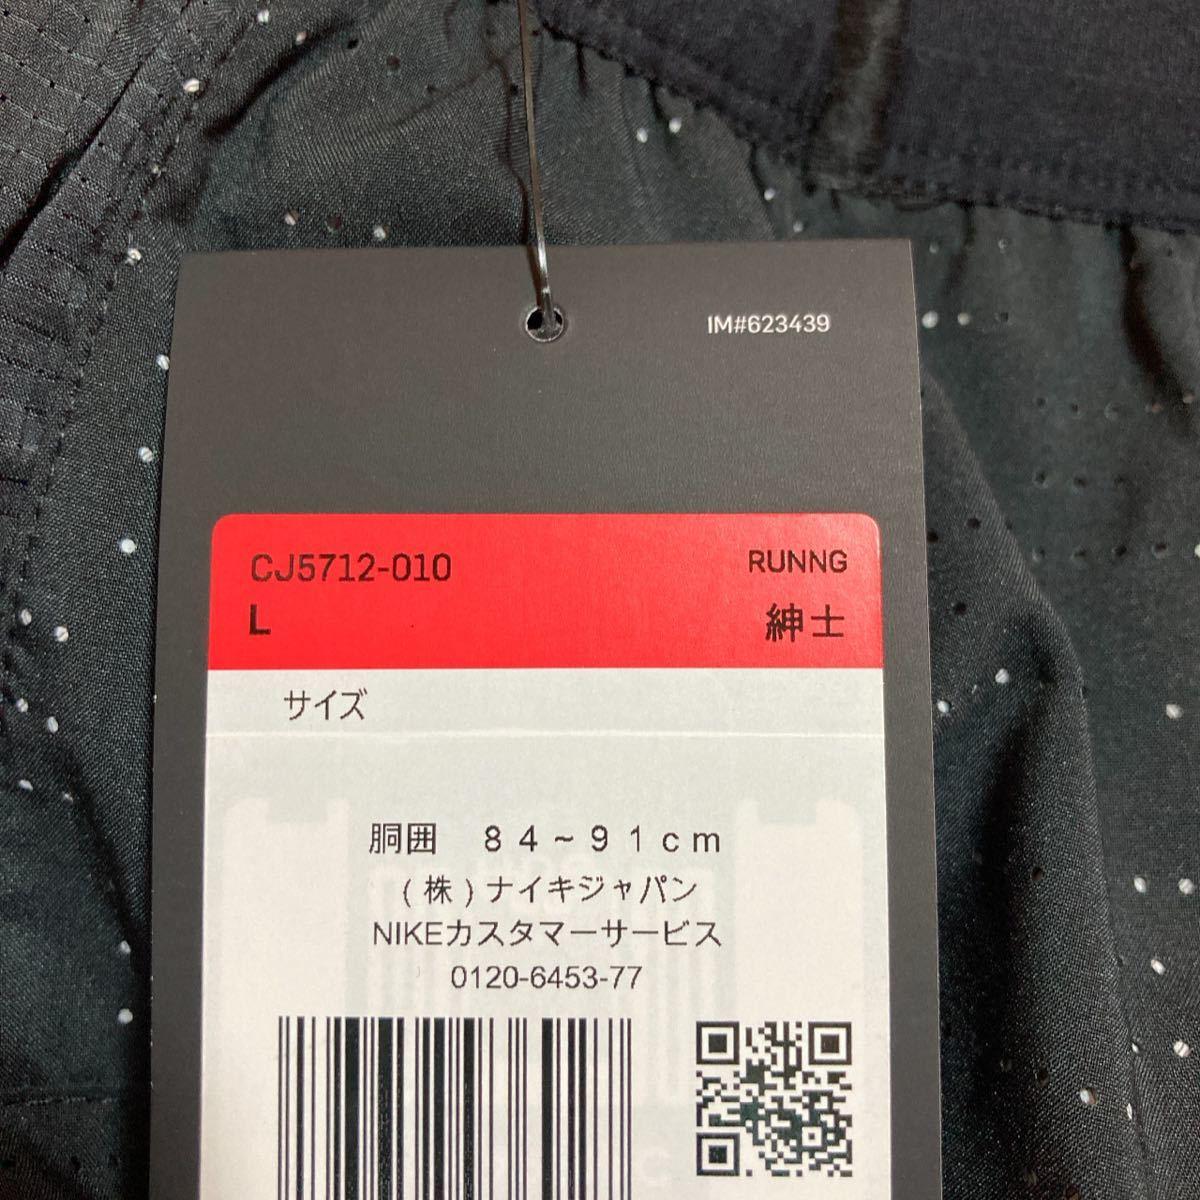 ナイキ(NIKE) ショートパンツ フレックス メンズL 風車 定価7,150円